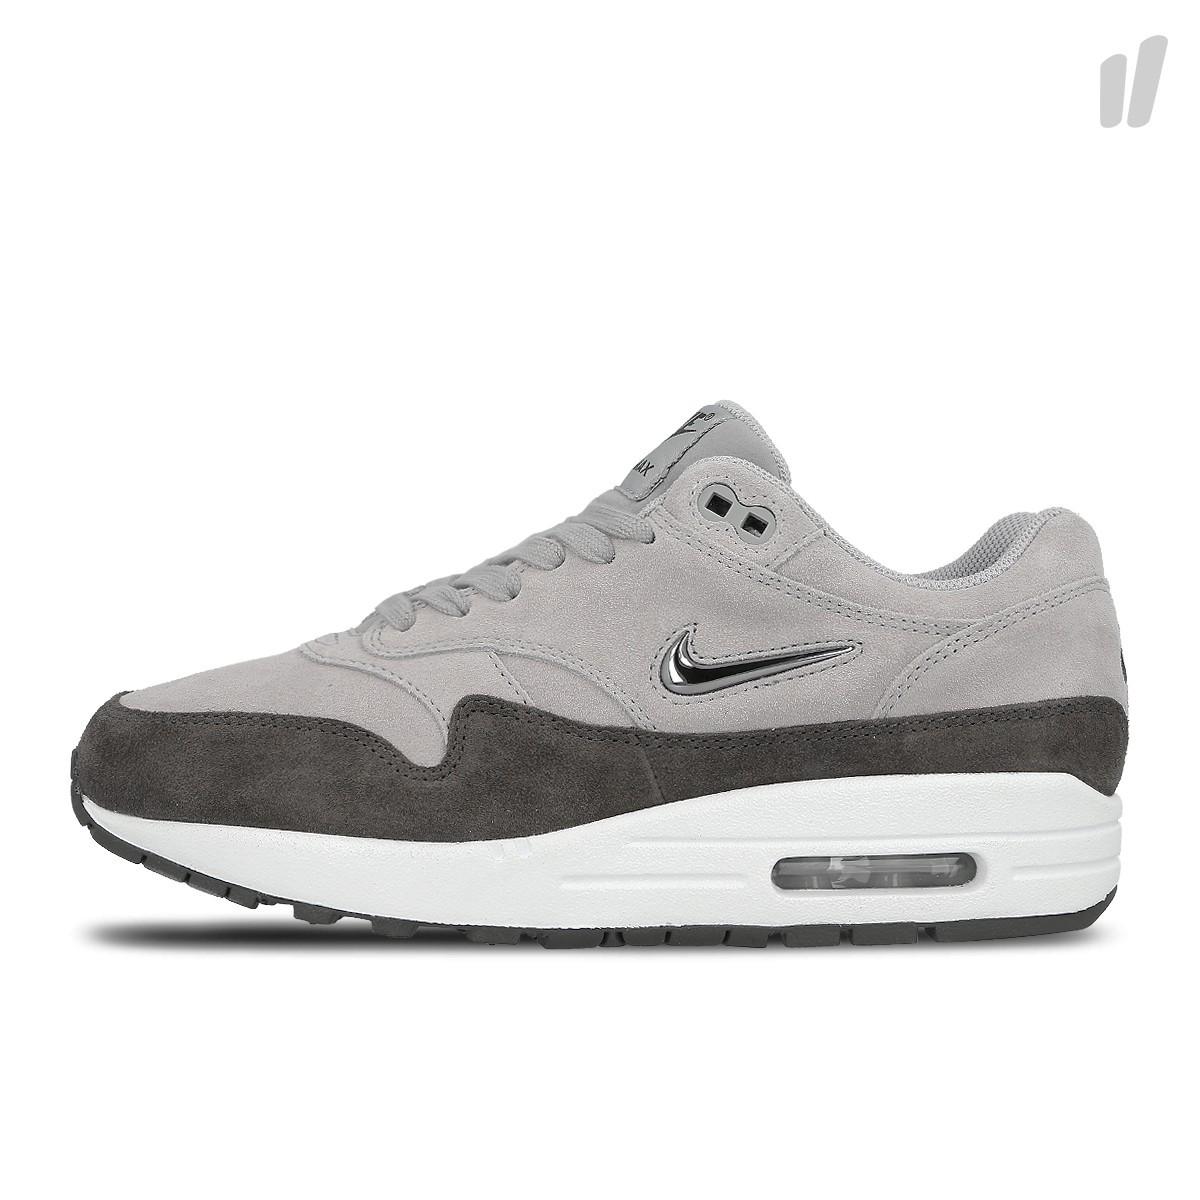 Nike Zoom Fit Agility Da Donna Scarpe Da Ginnastica Sneaker 684984 100 UK 6.5 EU 40.5 US 9 NUOVE